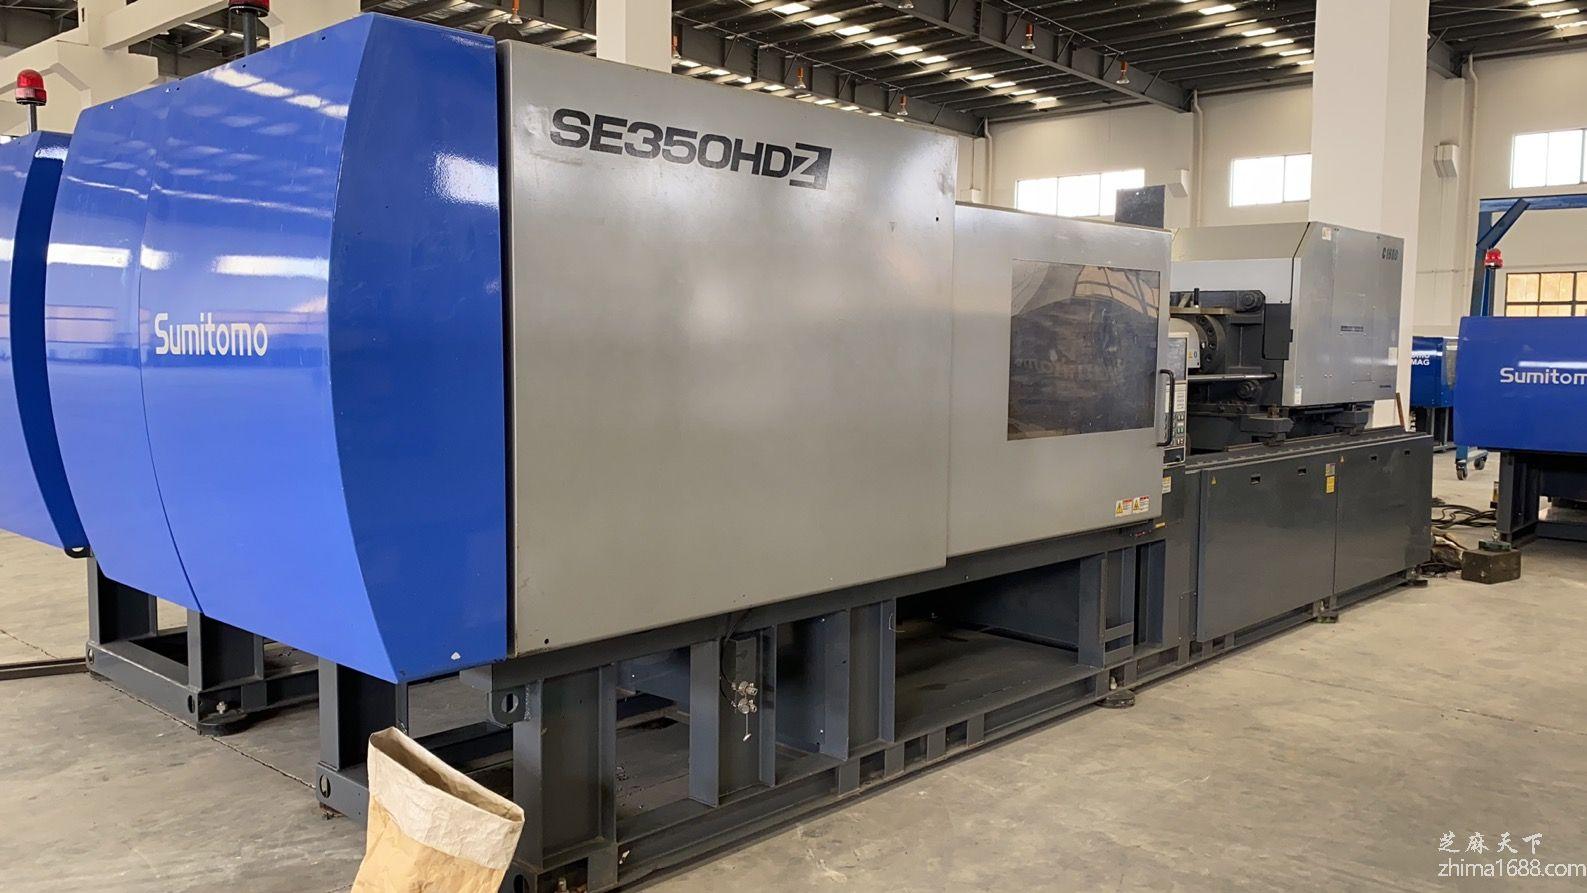 二手住友SE350HDZ注塑机(350吨)